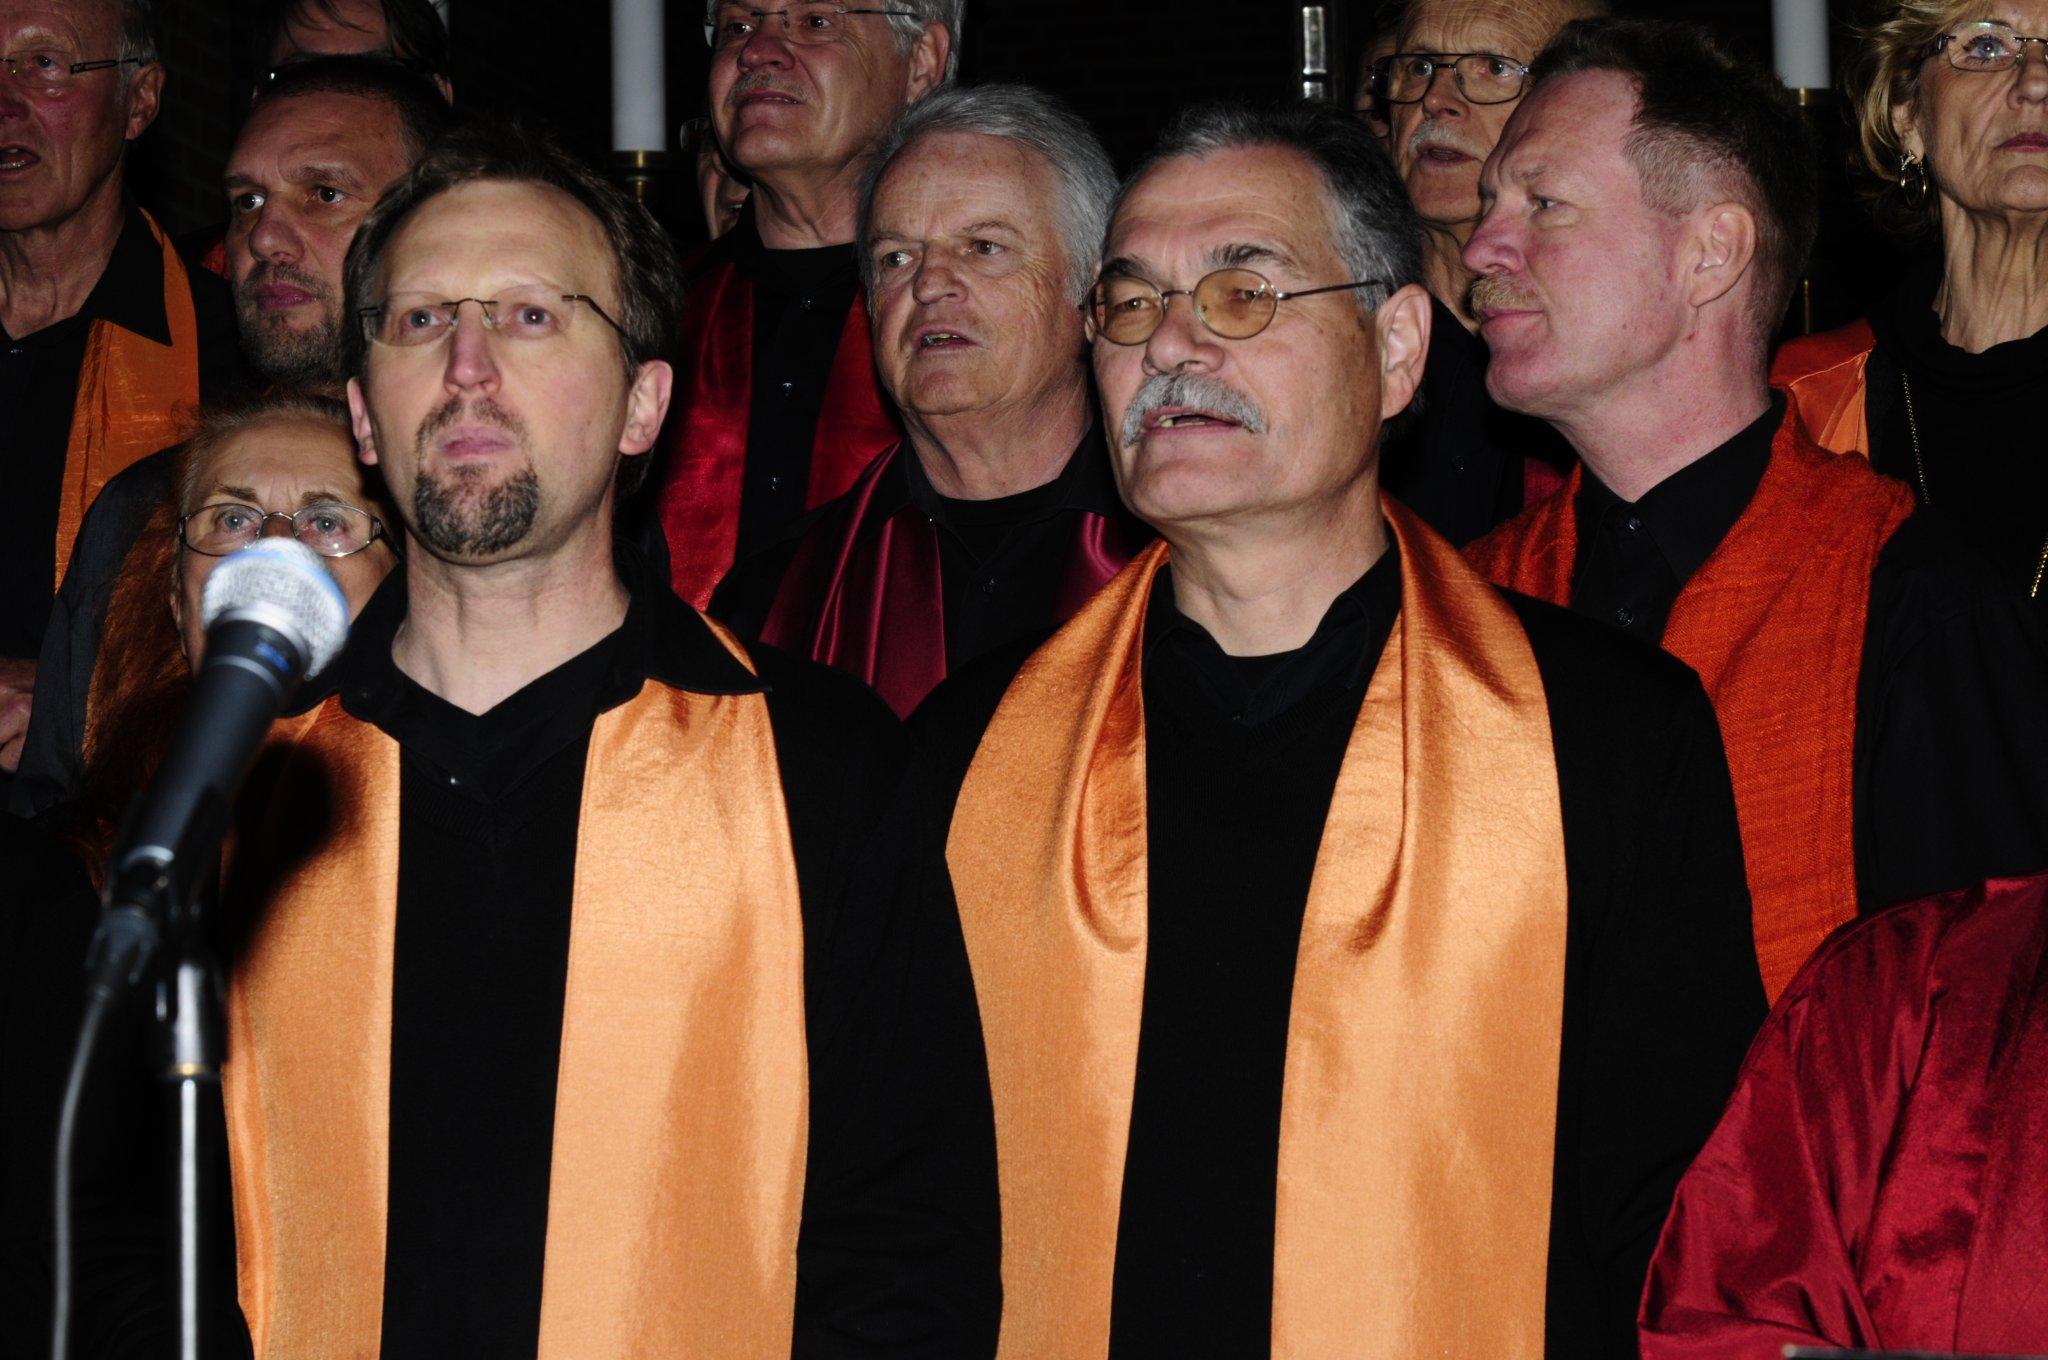 20120422 Reformations Gedaechtniskirche 045